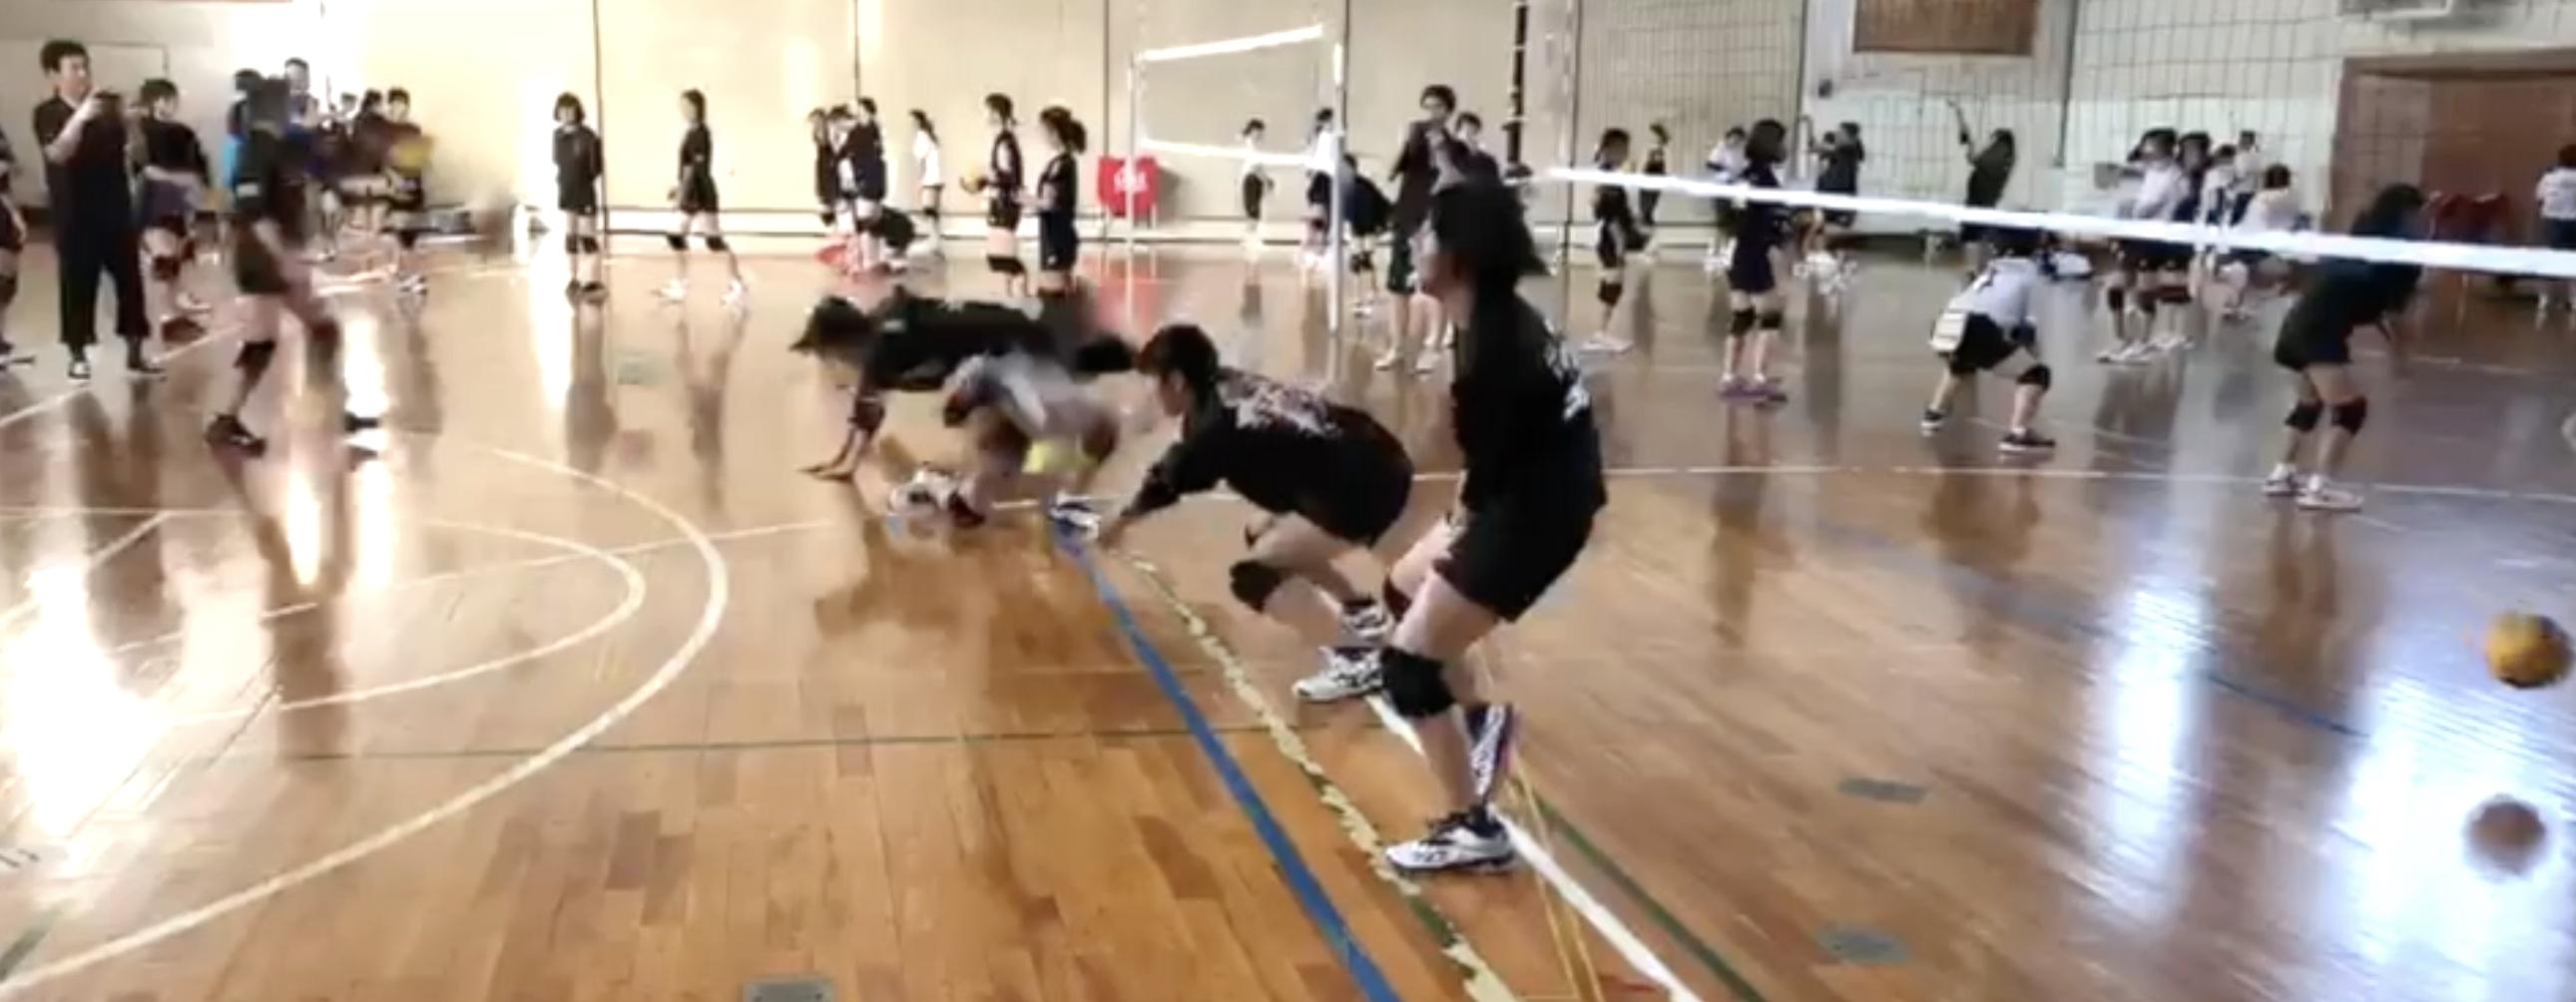 第2902話・・・バレー塾in静岡_c0000970_08385772.jpg